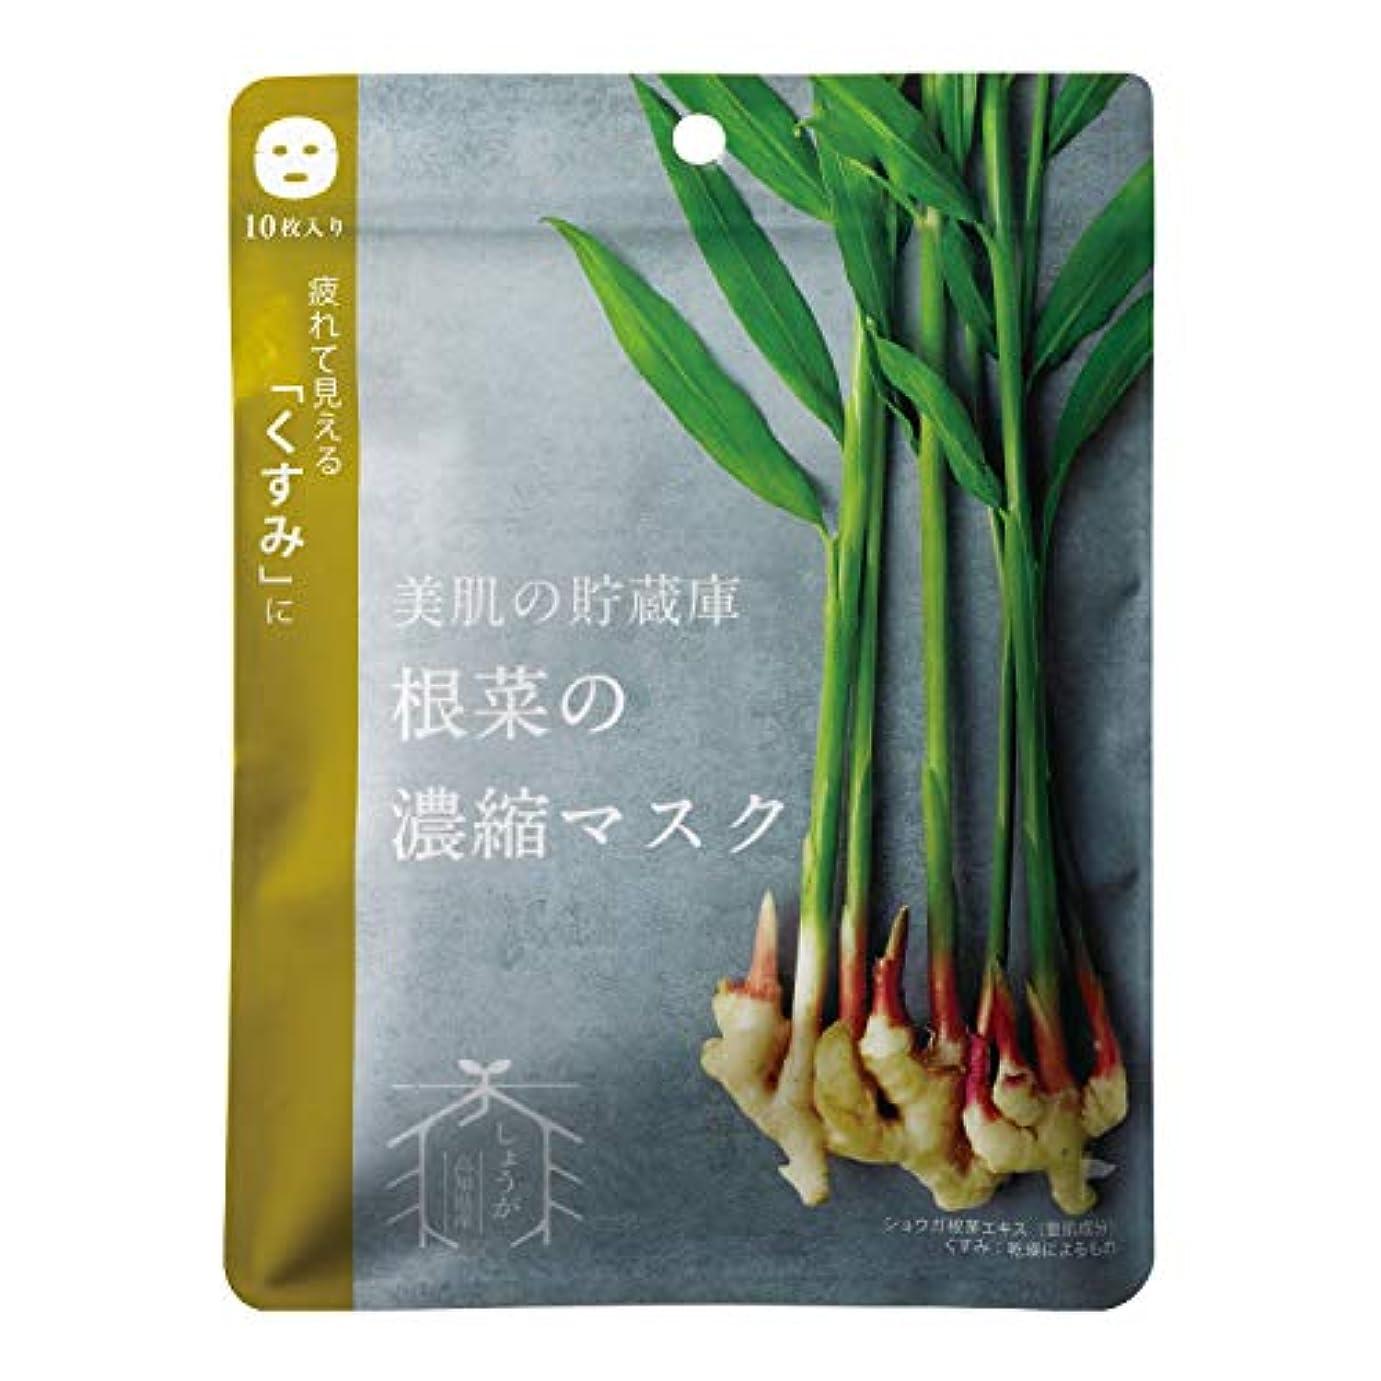 結論クラッチ近く@cosme nippon 美肌の貯蔵庫 根菜の濃縮マスク 土佐一しょうが 10枚 160ml